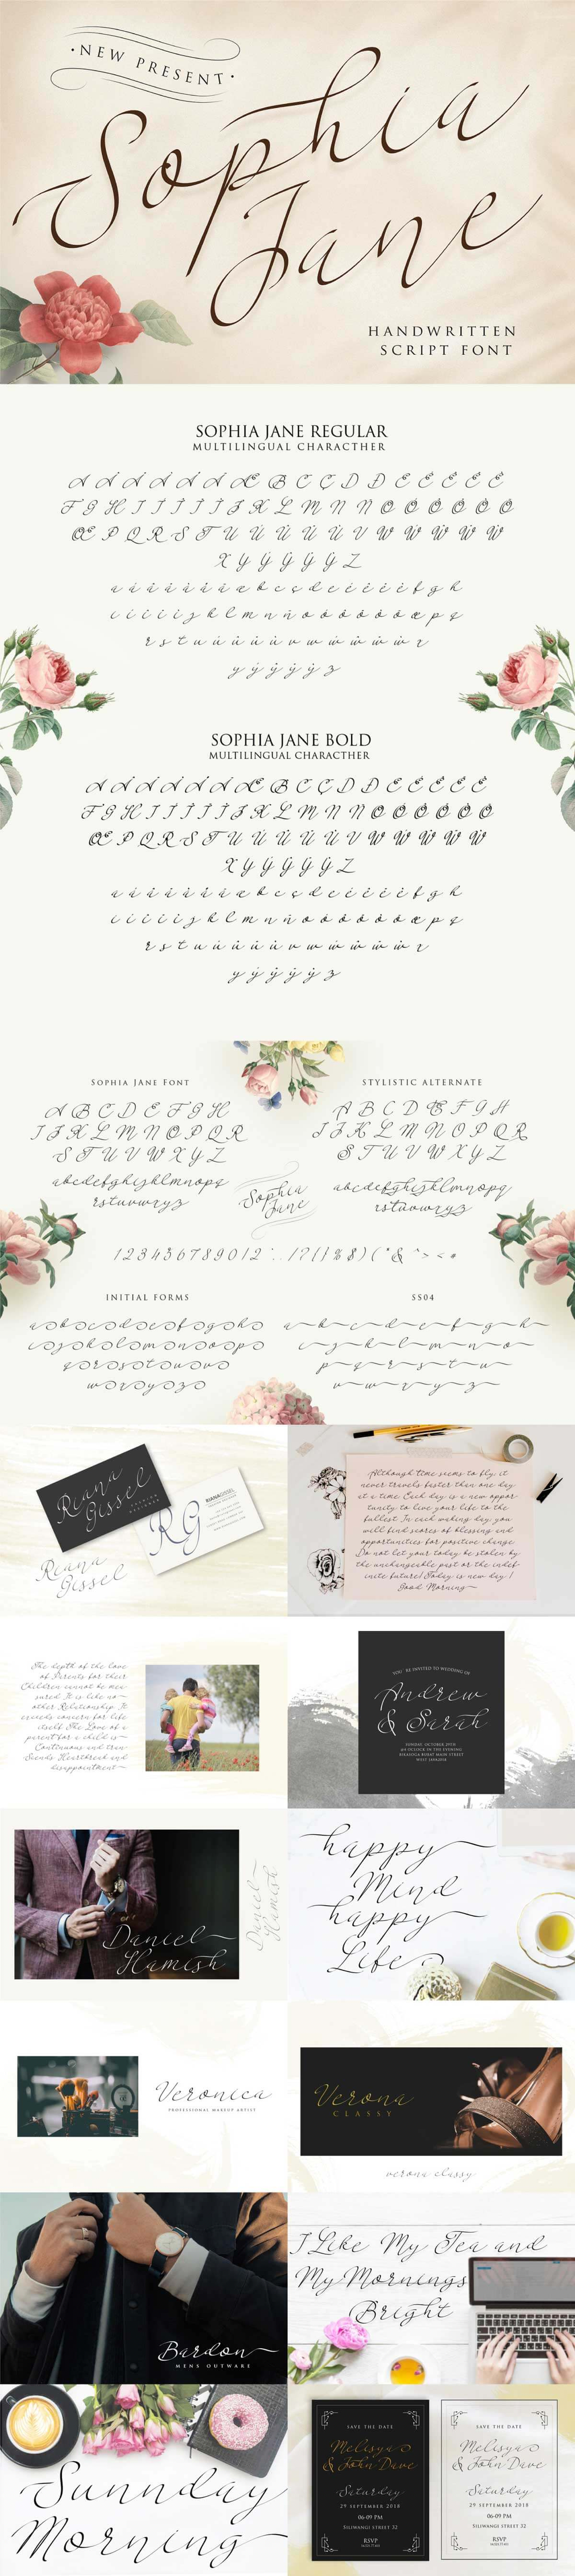 Sophia Jane - Storic Type